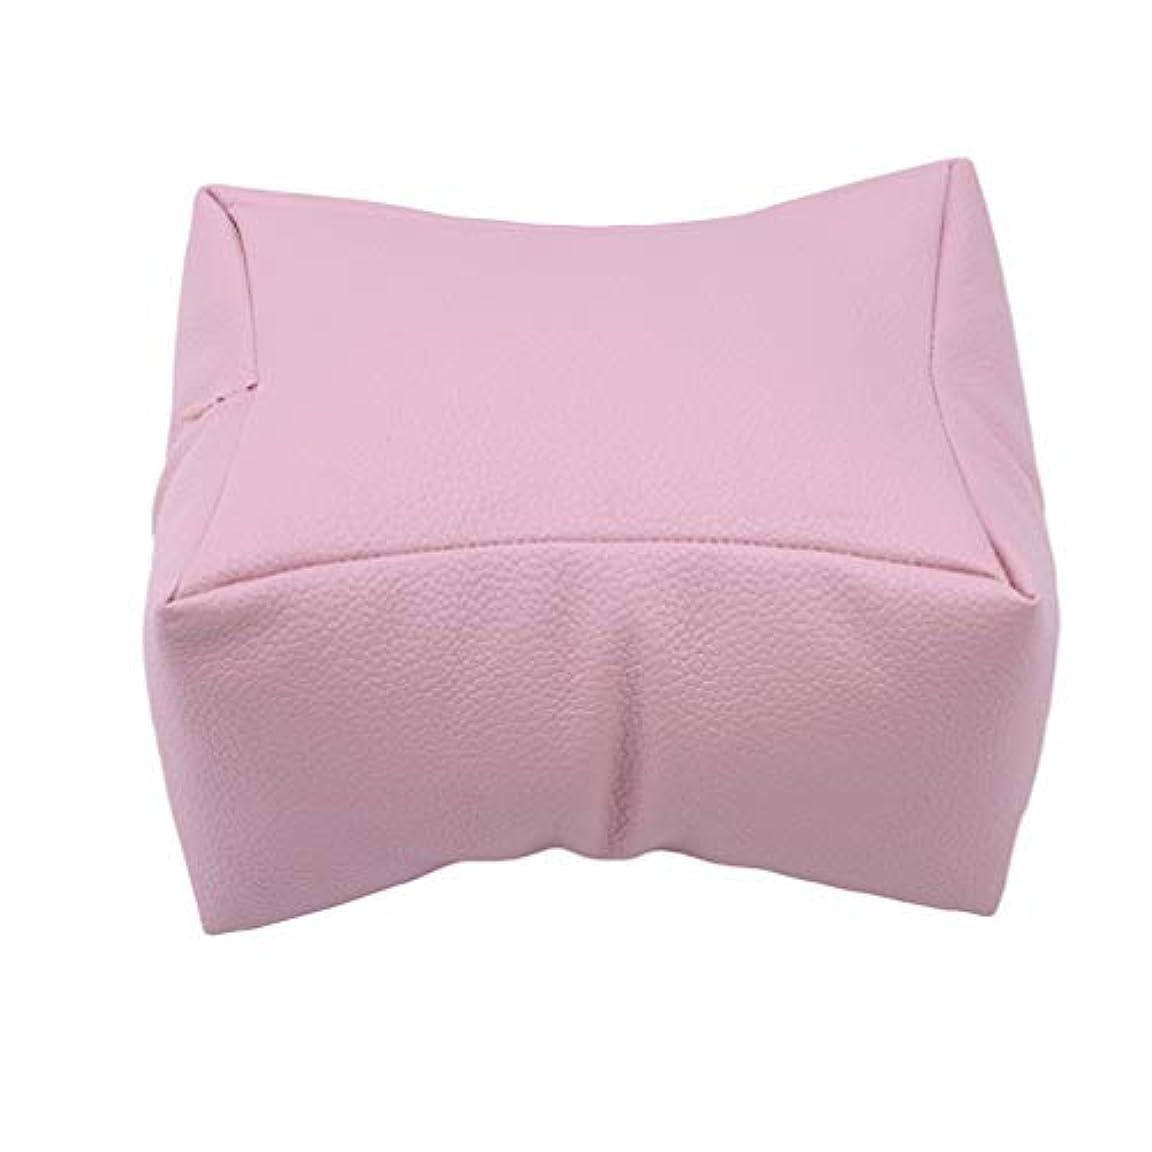 知人領収書悲観的Noonlity 枕 ハンド枕 腕枕 腕置き 手の枕 柔らかい ジェルネイルまくら 練習用にも,ピンク